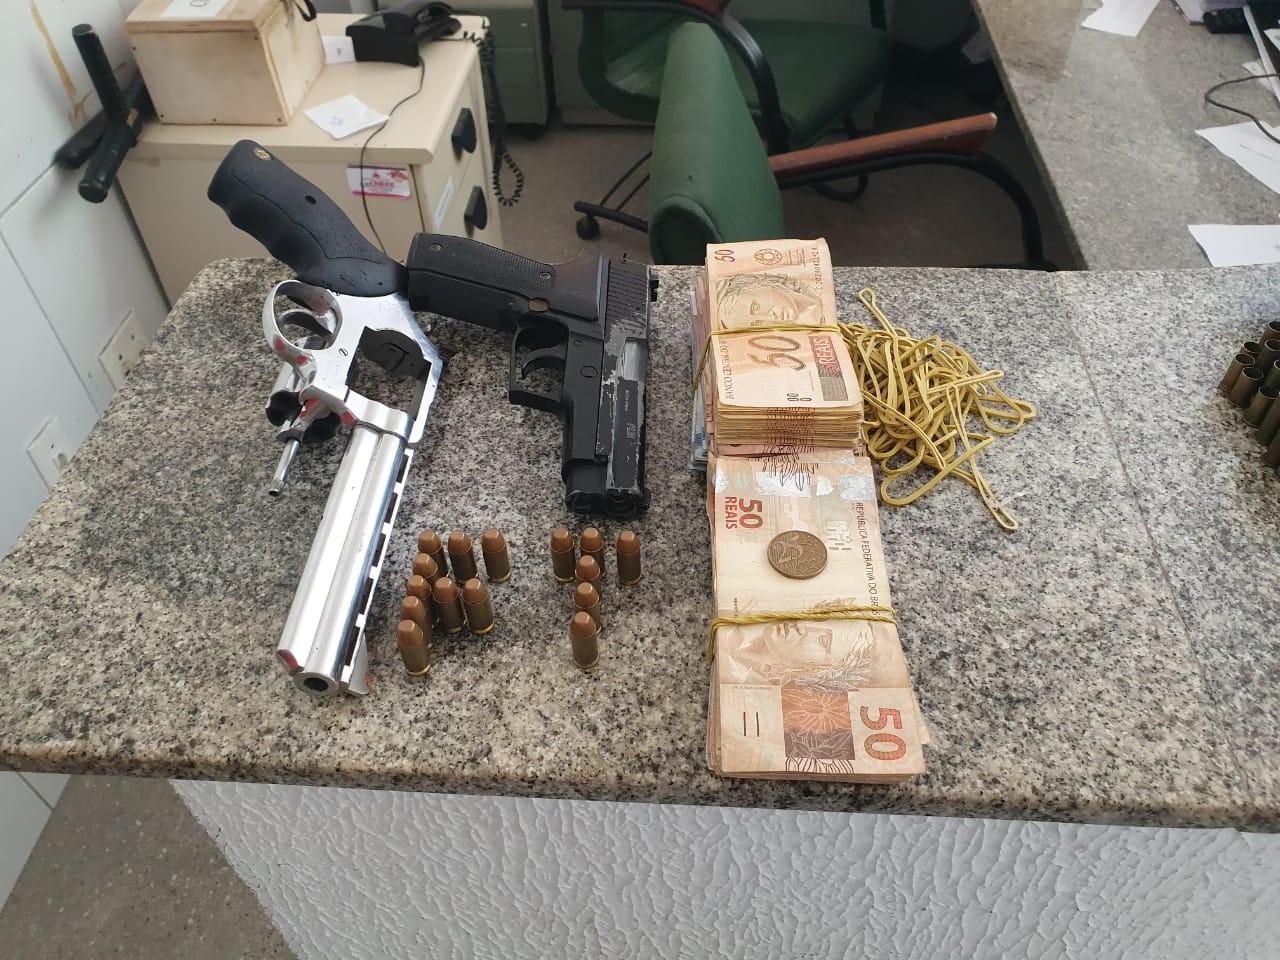 Suspeito de fingir ser policial é preso com 167 cartões e dinheiro, no Ceará